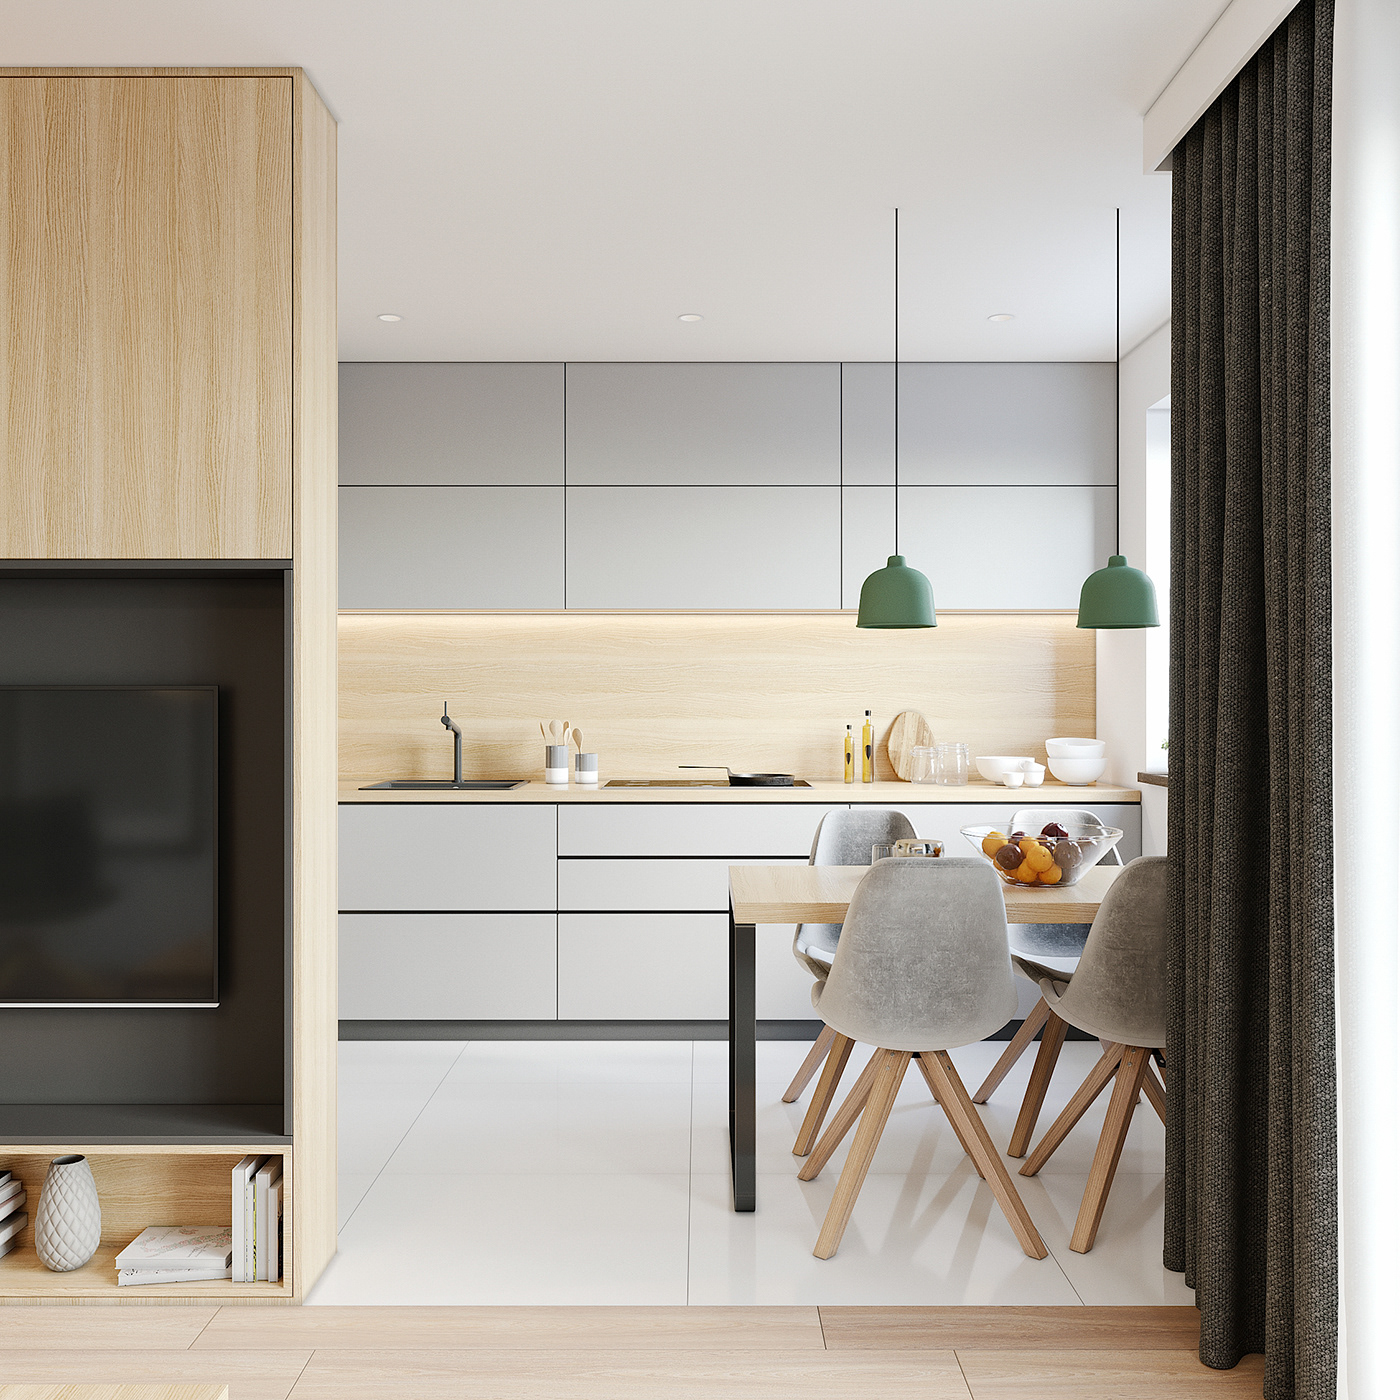 Tư vấn thiết kế căn hộ 90m² theo phong cách Scandinavian cho gia đình 3 người, chi phí 200 triệu - Ảnh 6.